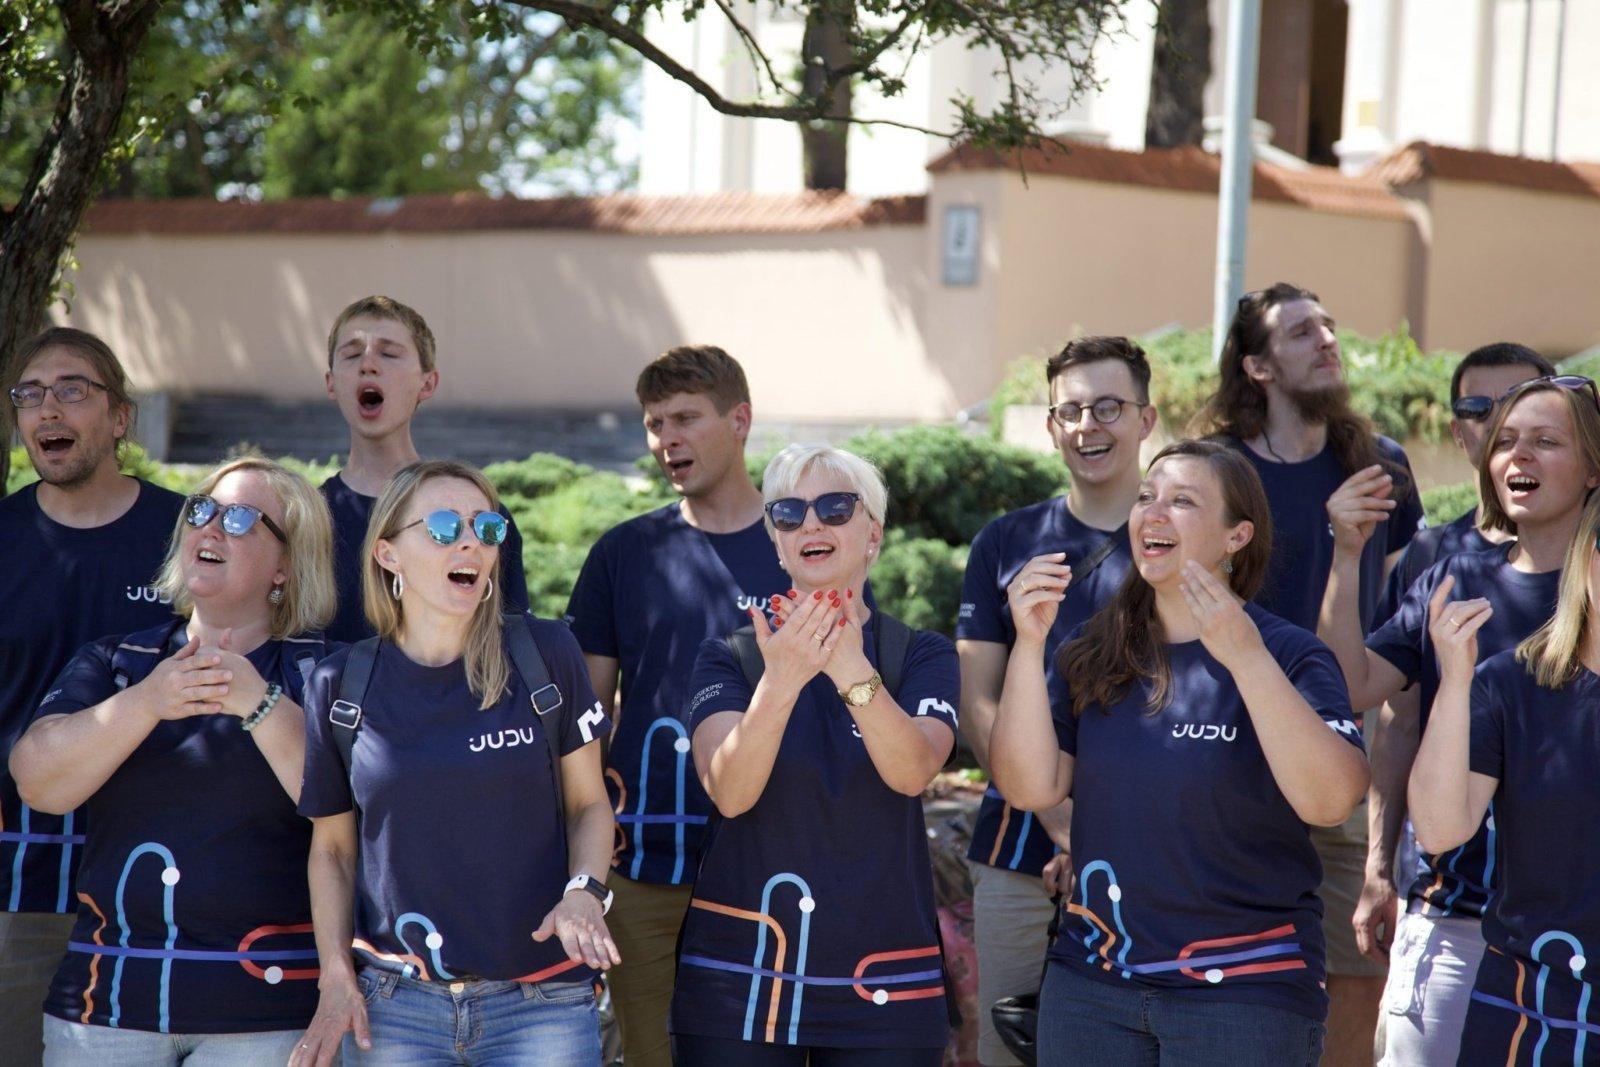 Gatvės muzikos diena šeštadienį: darniai judančio choro pasirodymai stotelėse